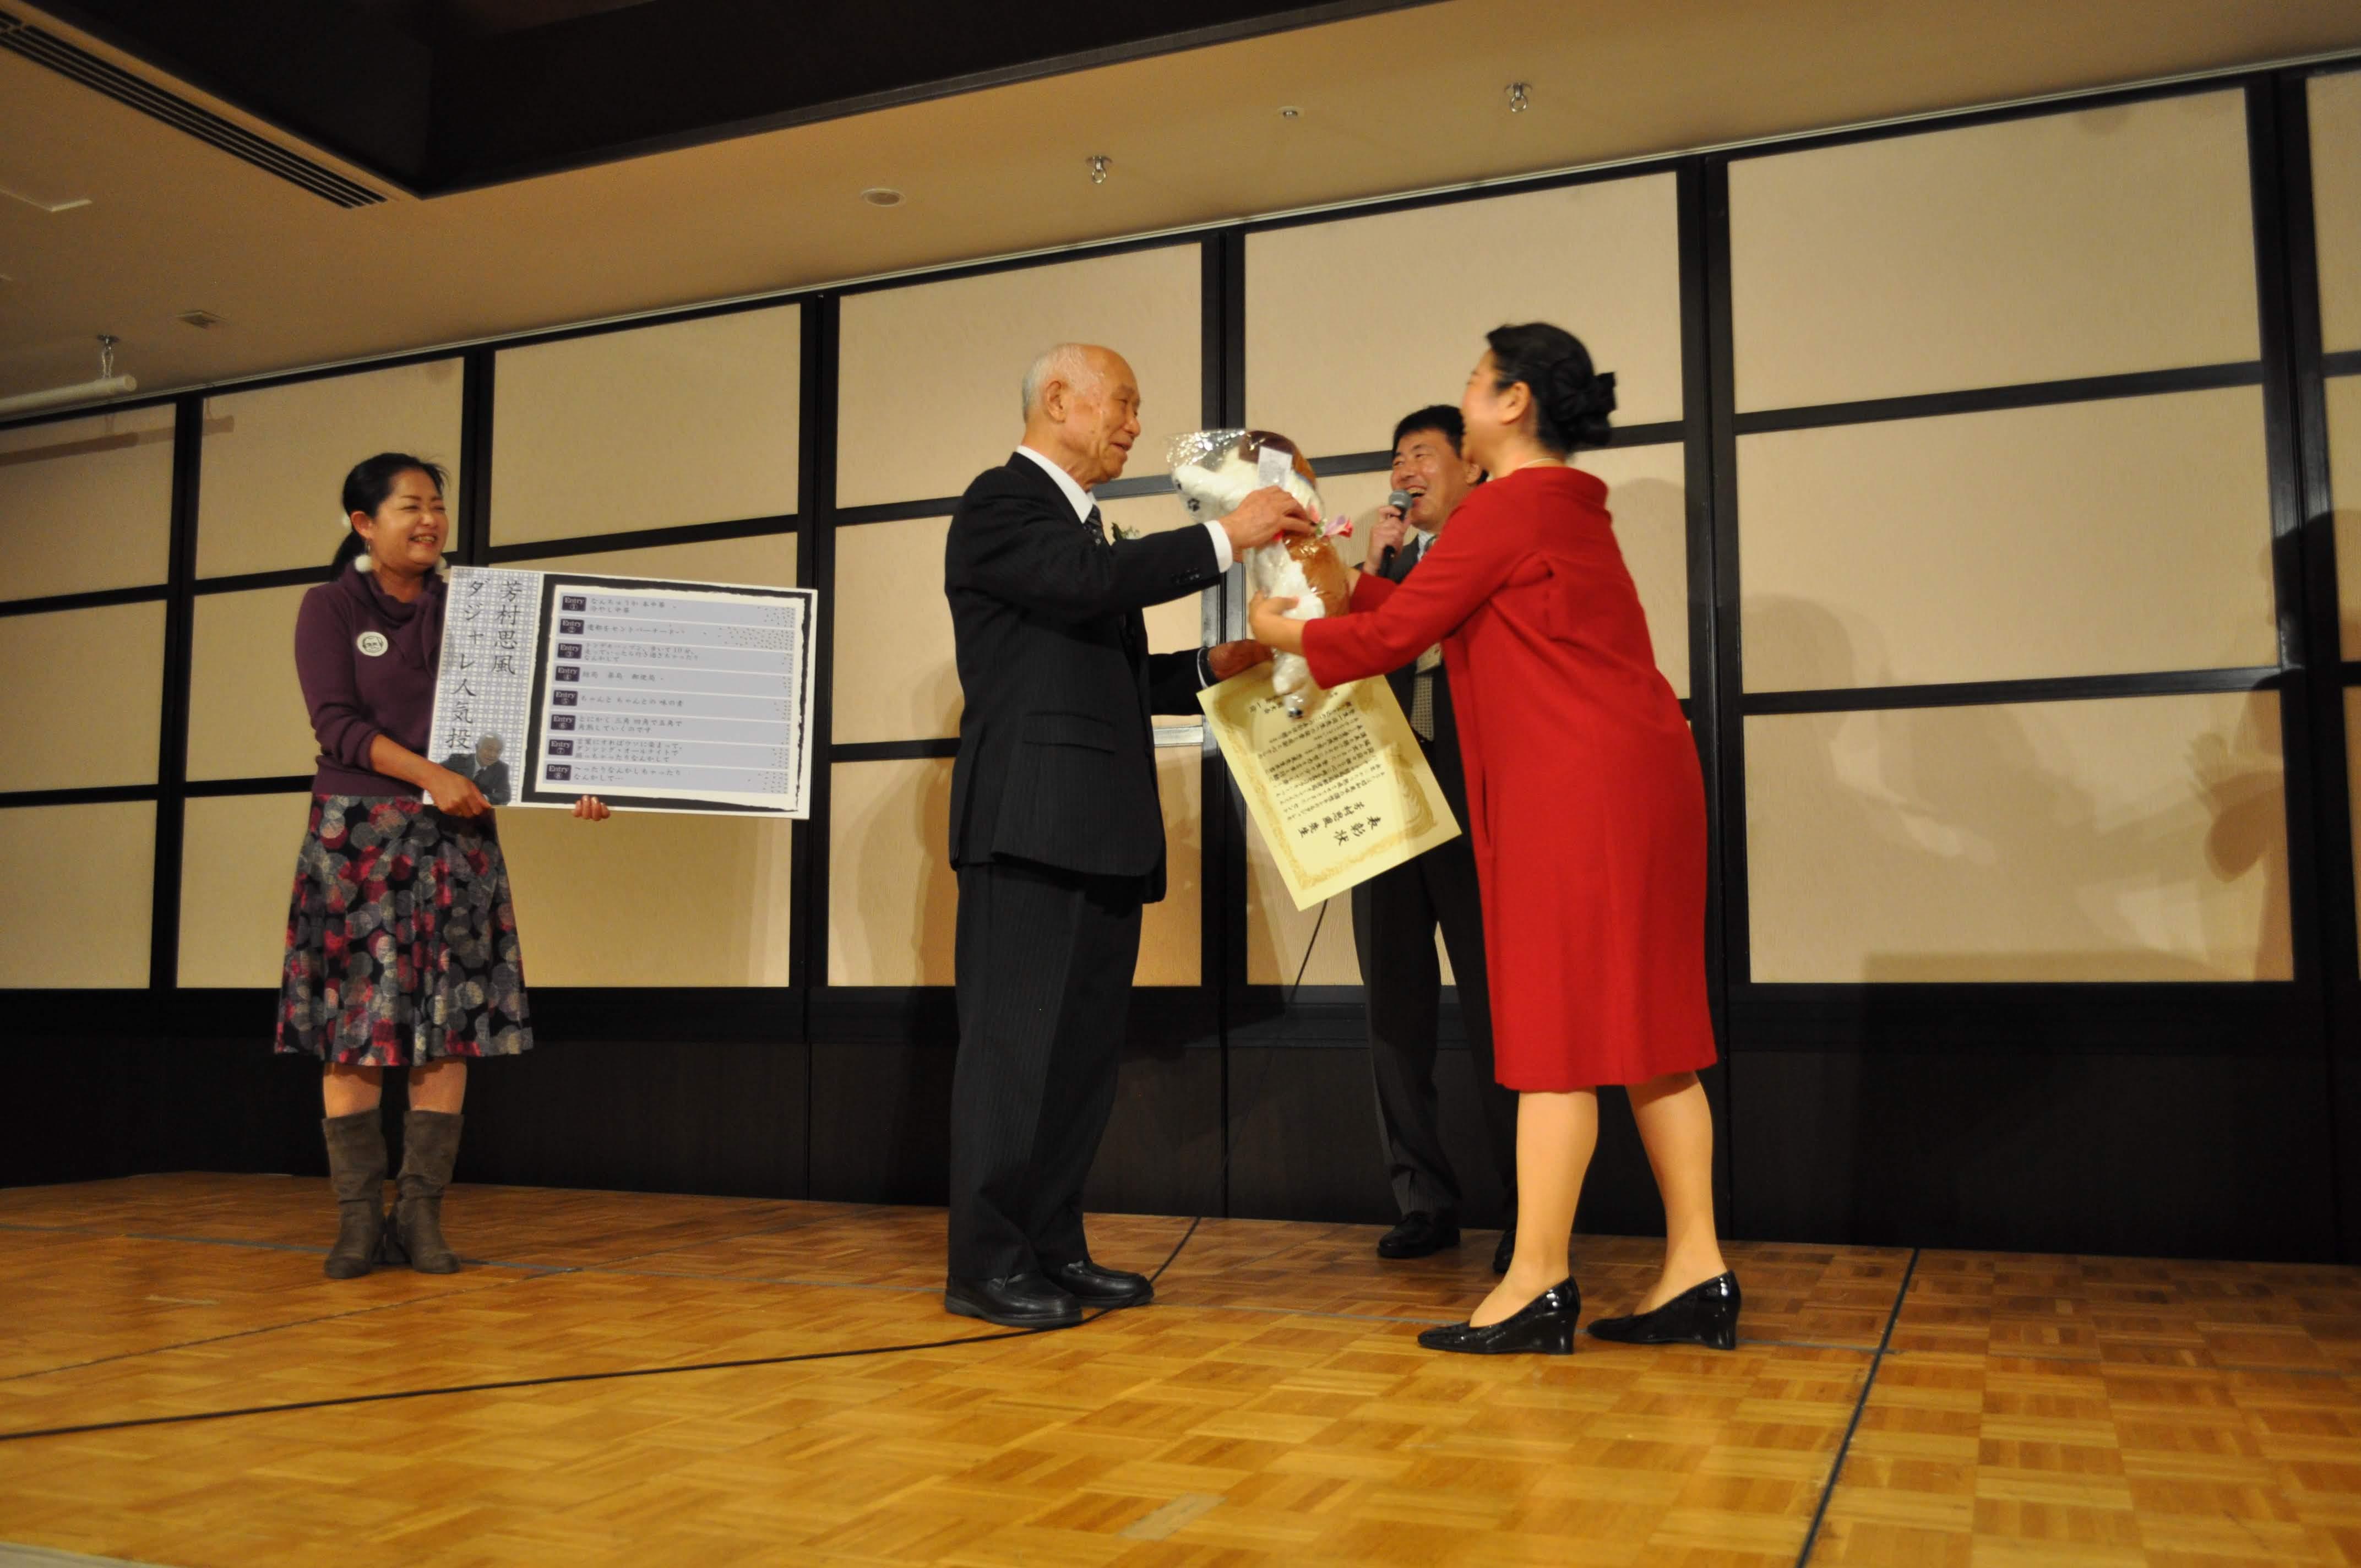 DSC 0471 1 - 思風会全国大会in広島